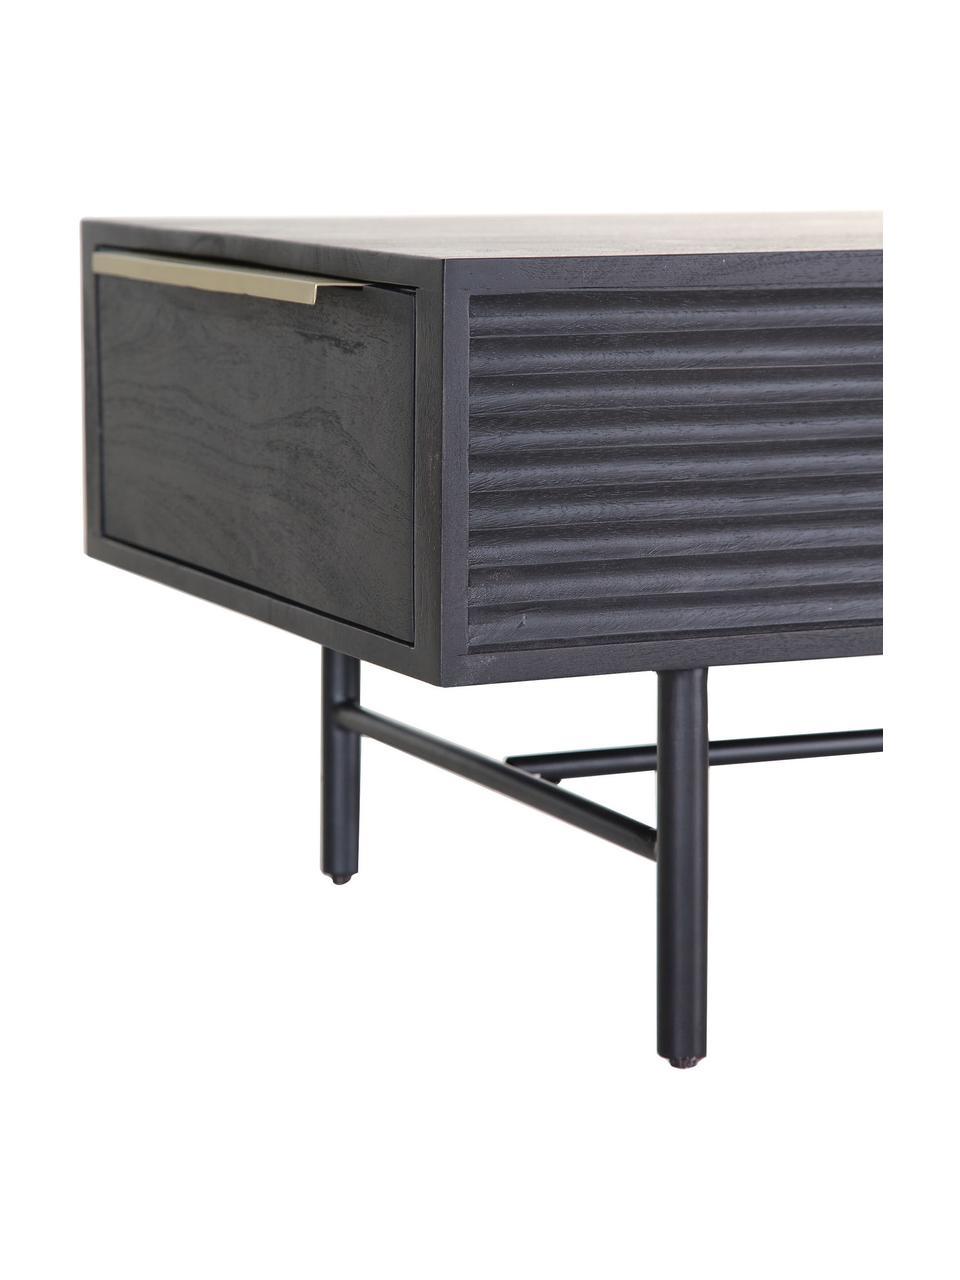 Mesa de centro de madera de acacia Mamba, Estructura: madera de acacia pintada, Patas: metal pintado, Negro, An 124 x Al 40 cm